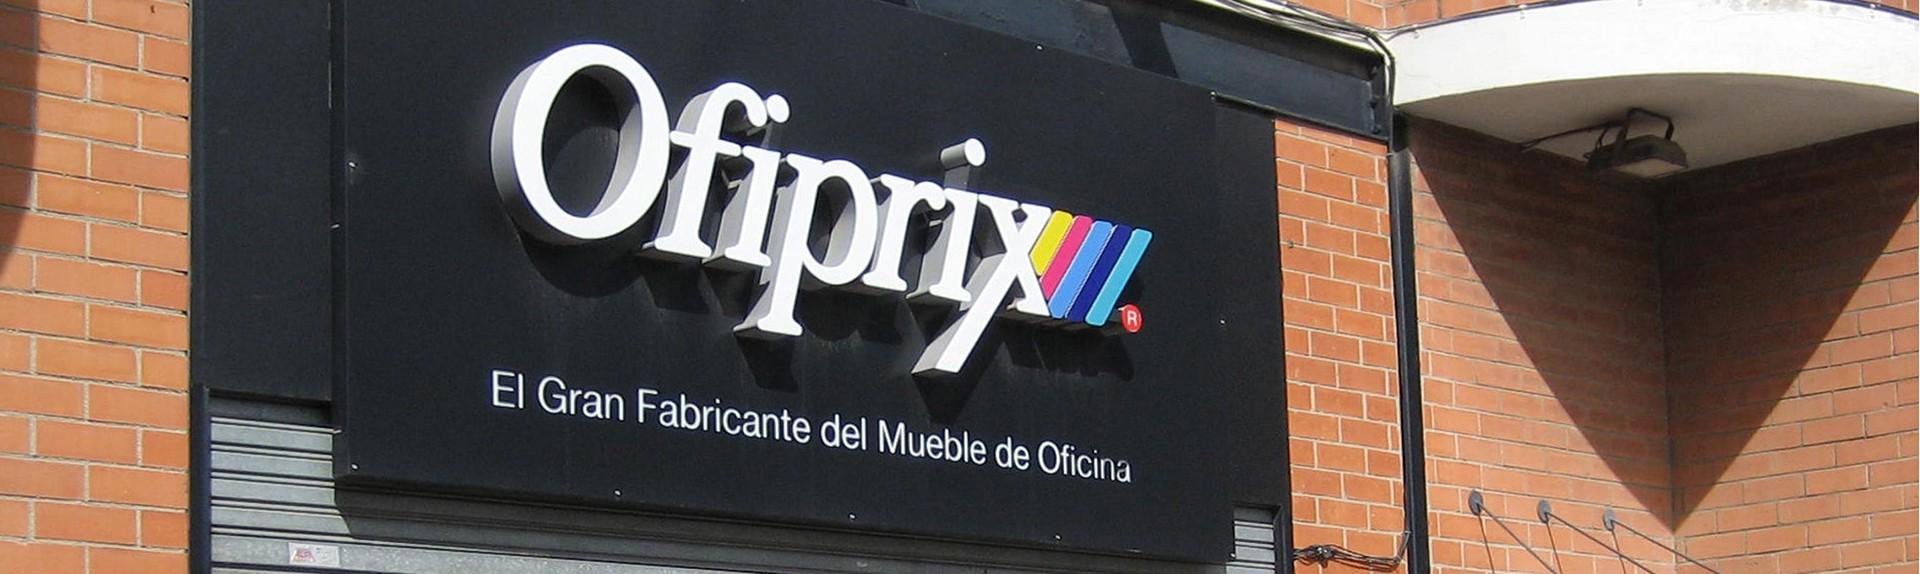 Tienda Ofiprix de Barberà del Vallés